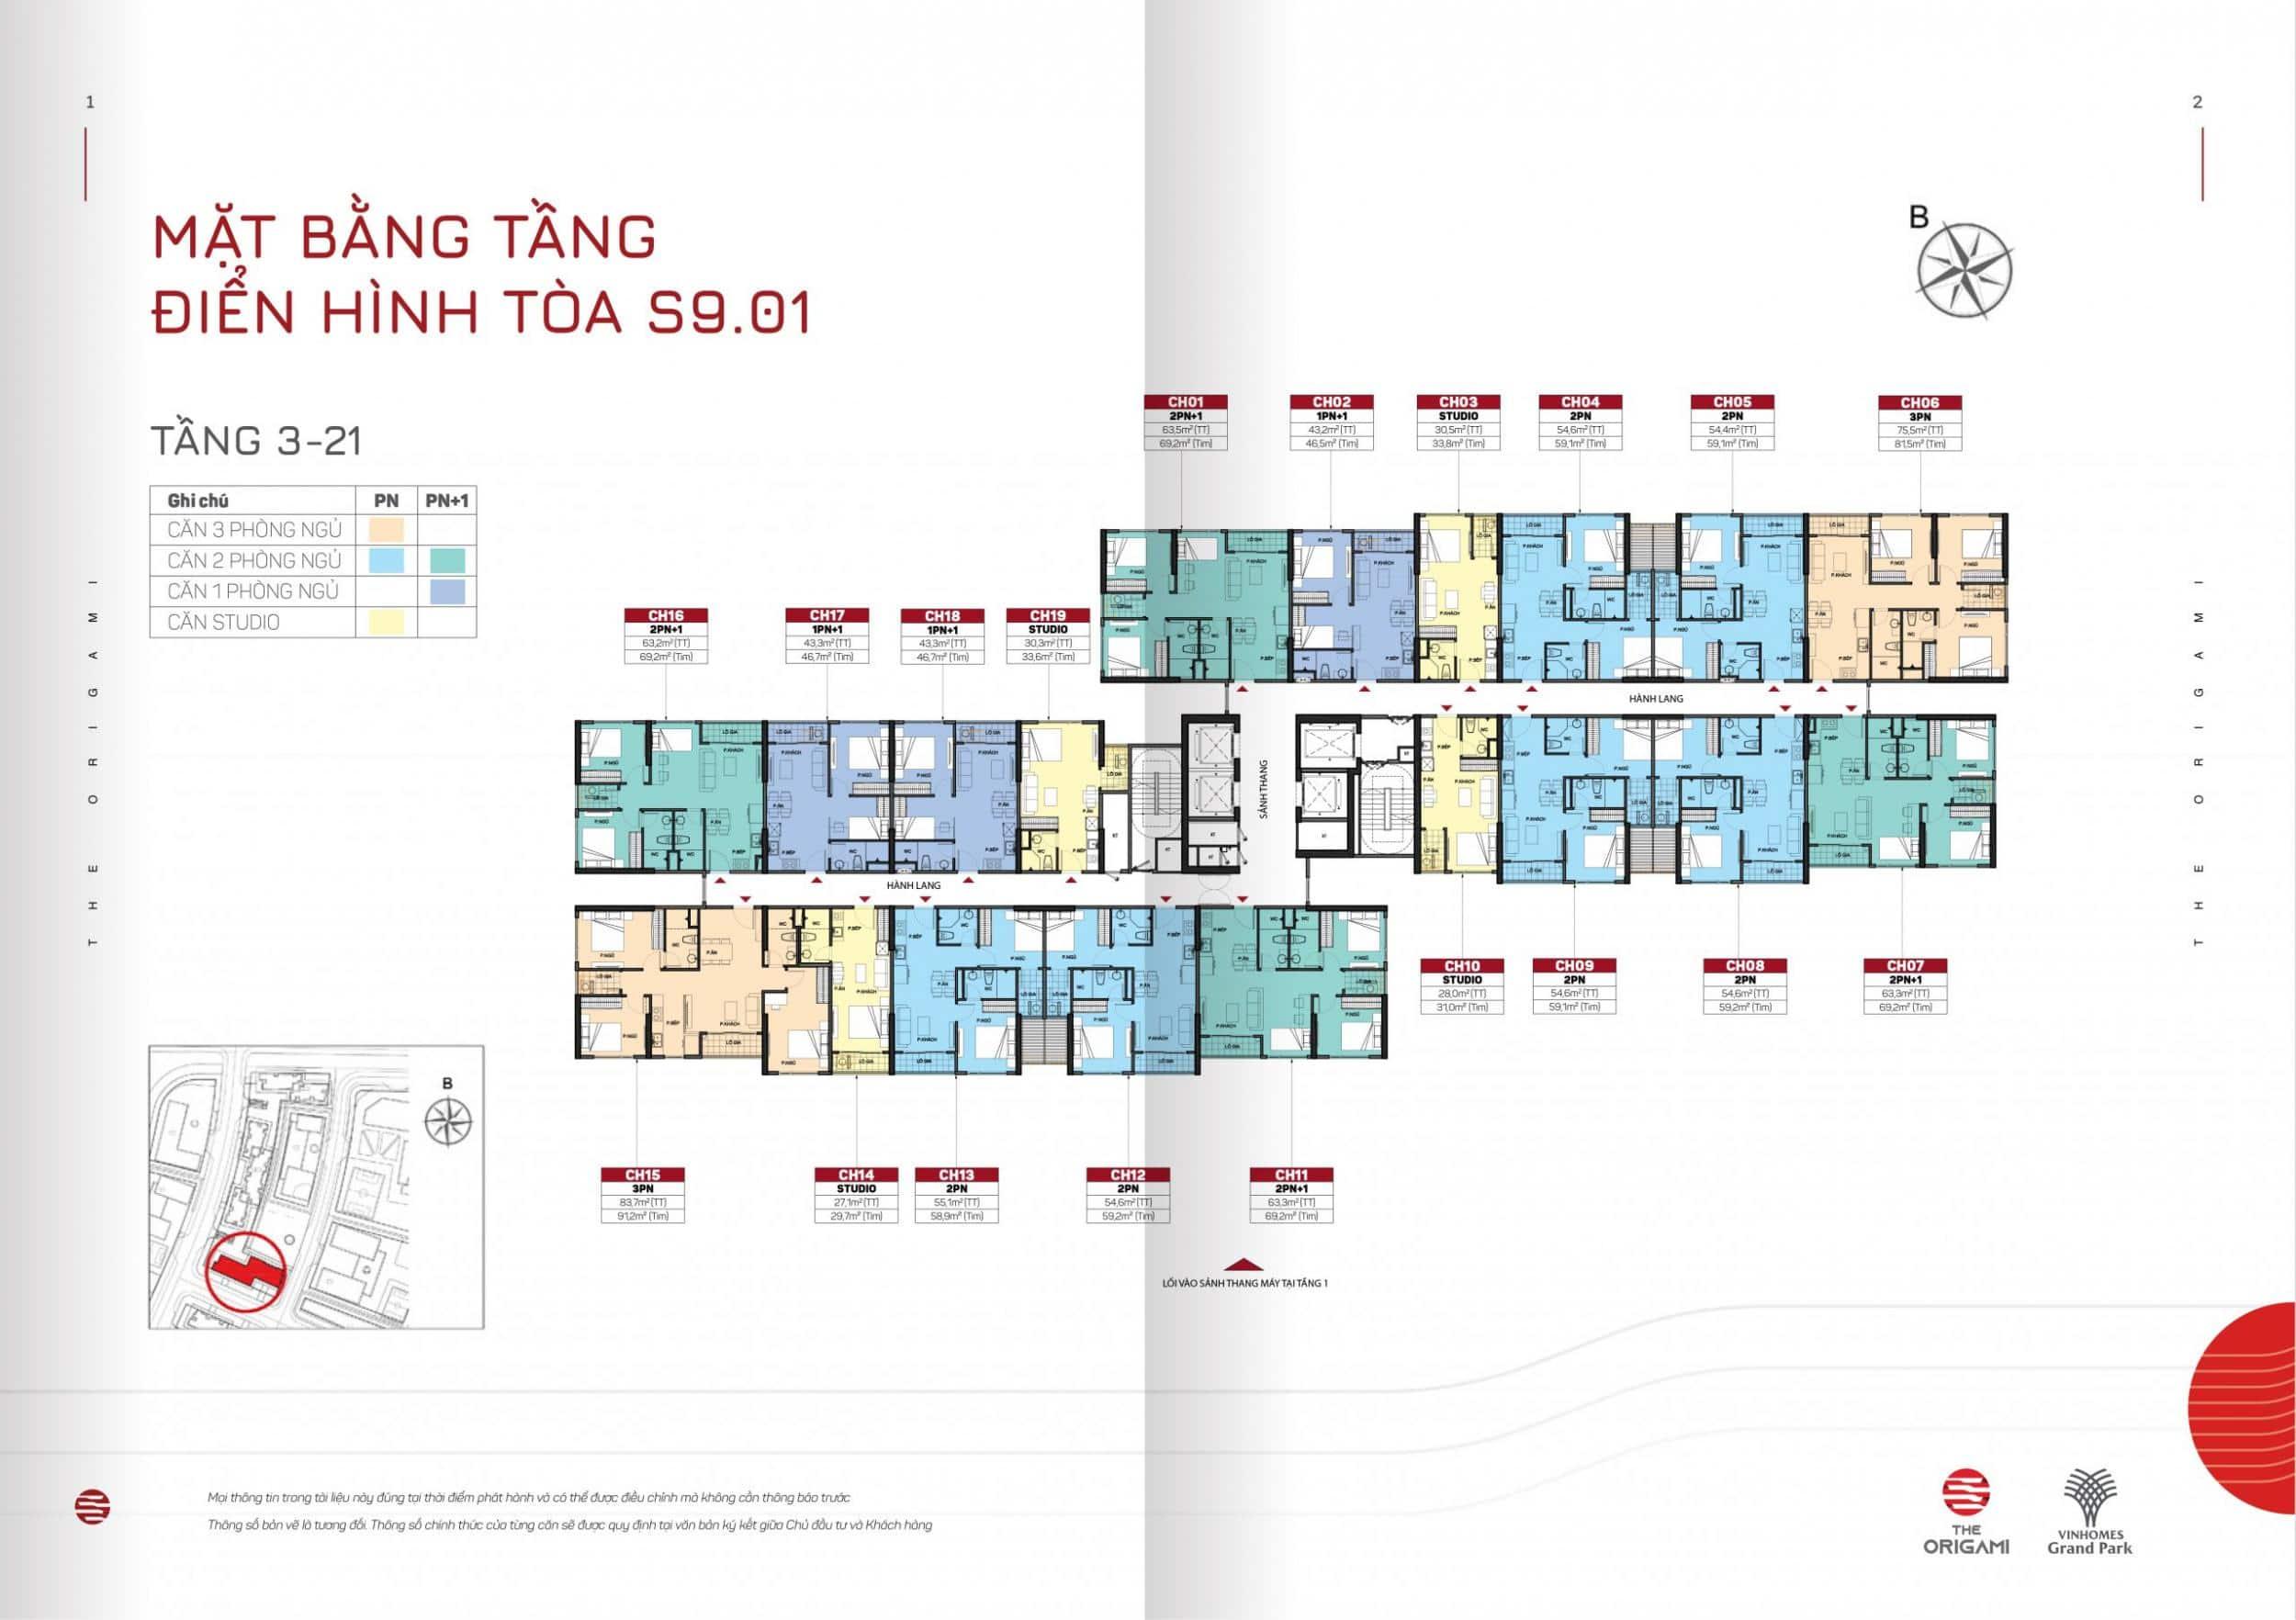 Mặt bằng toà S9-01 phân khu Origami Vinhomes Grand Park S9.01